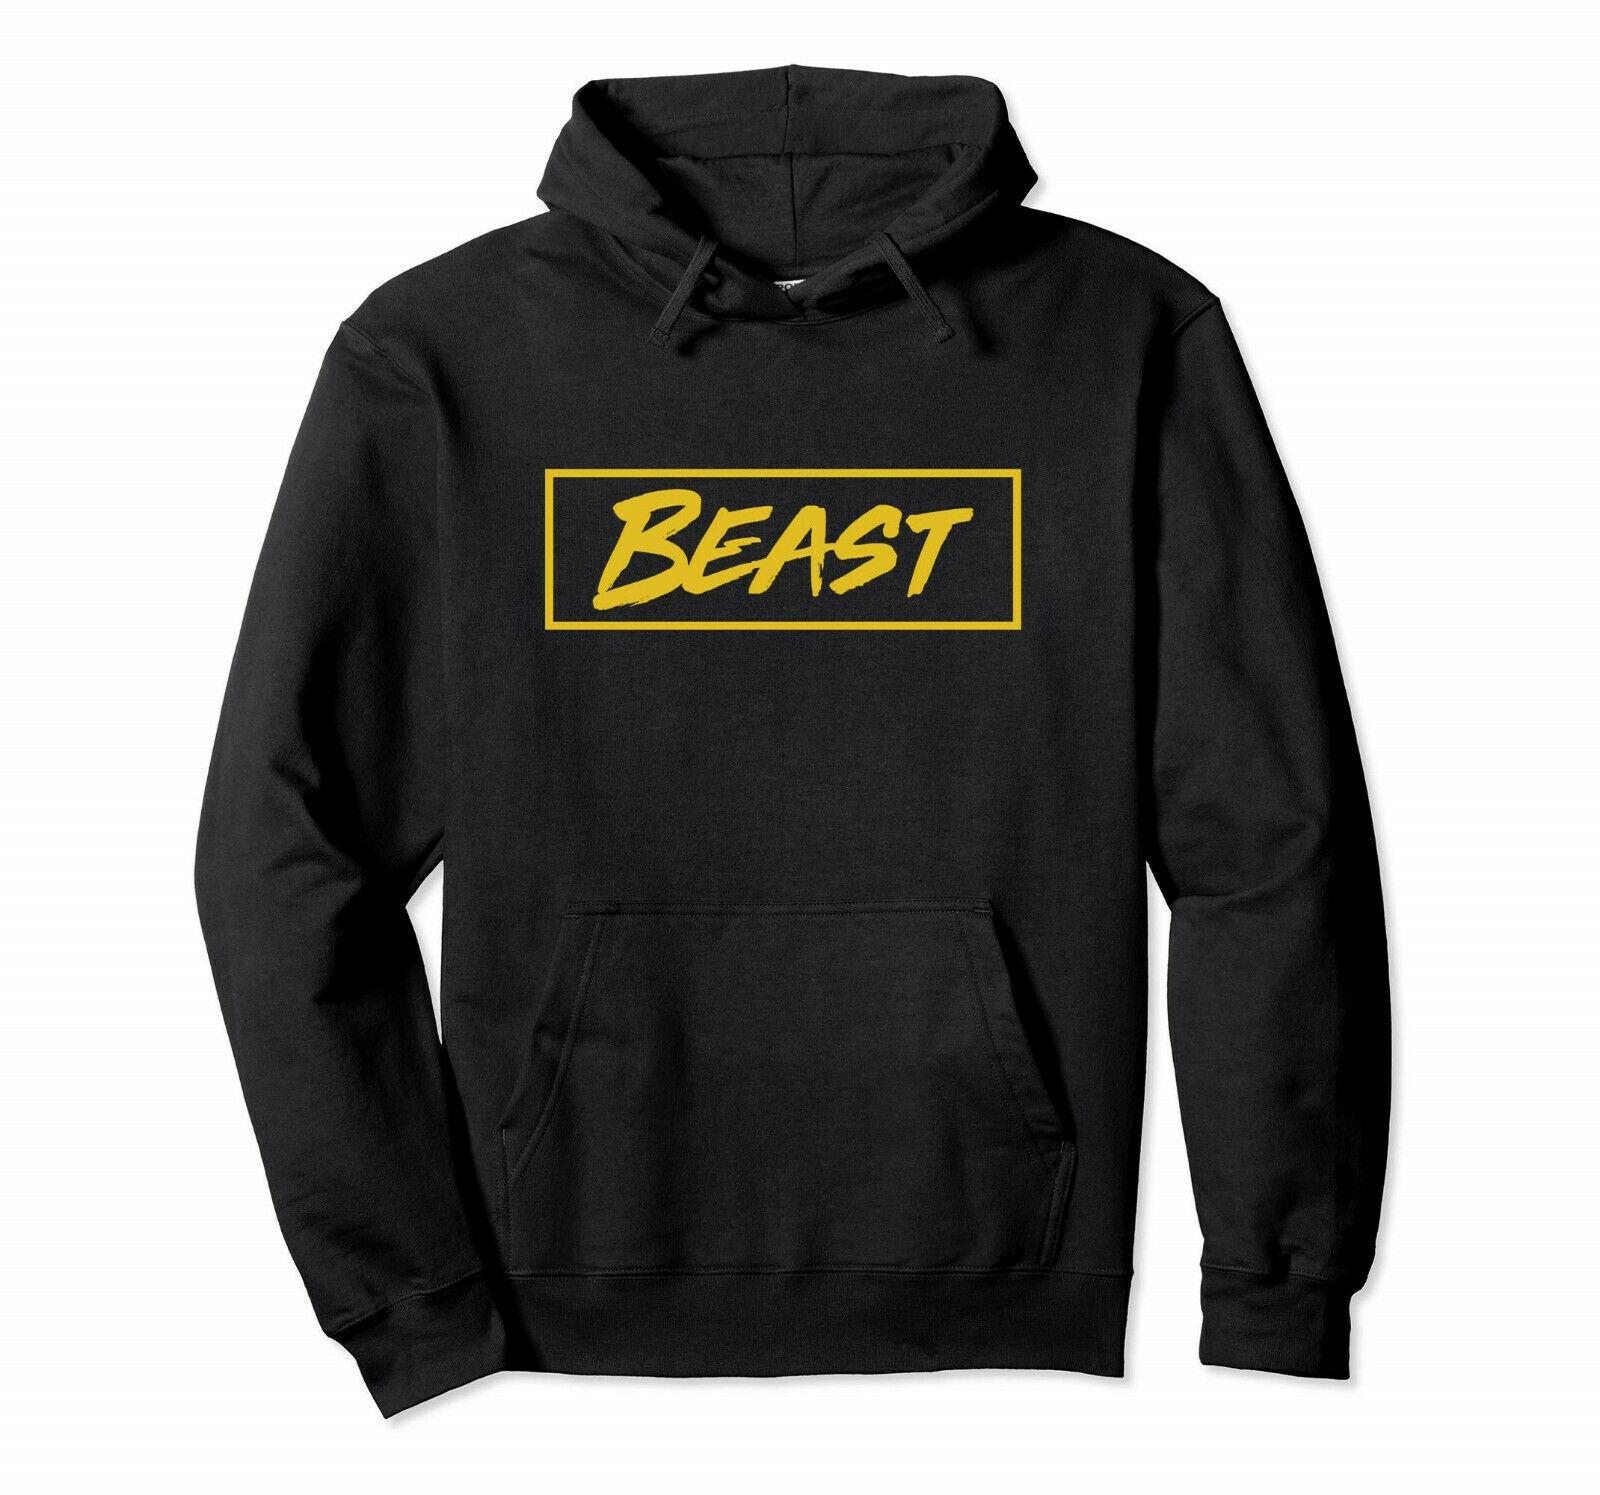 Mr Beast Gold Women Men Clothes Coat Hoodie